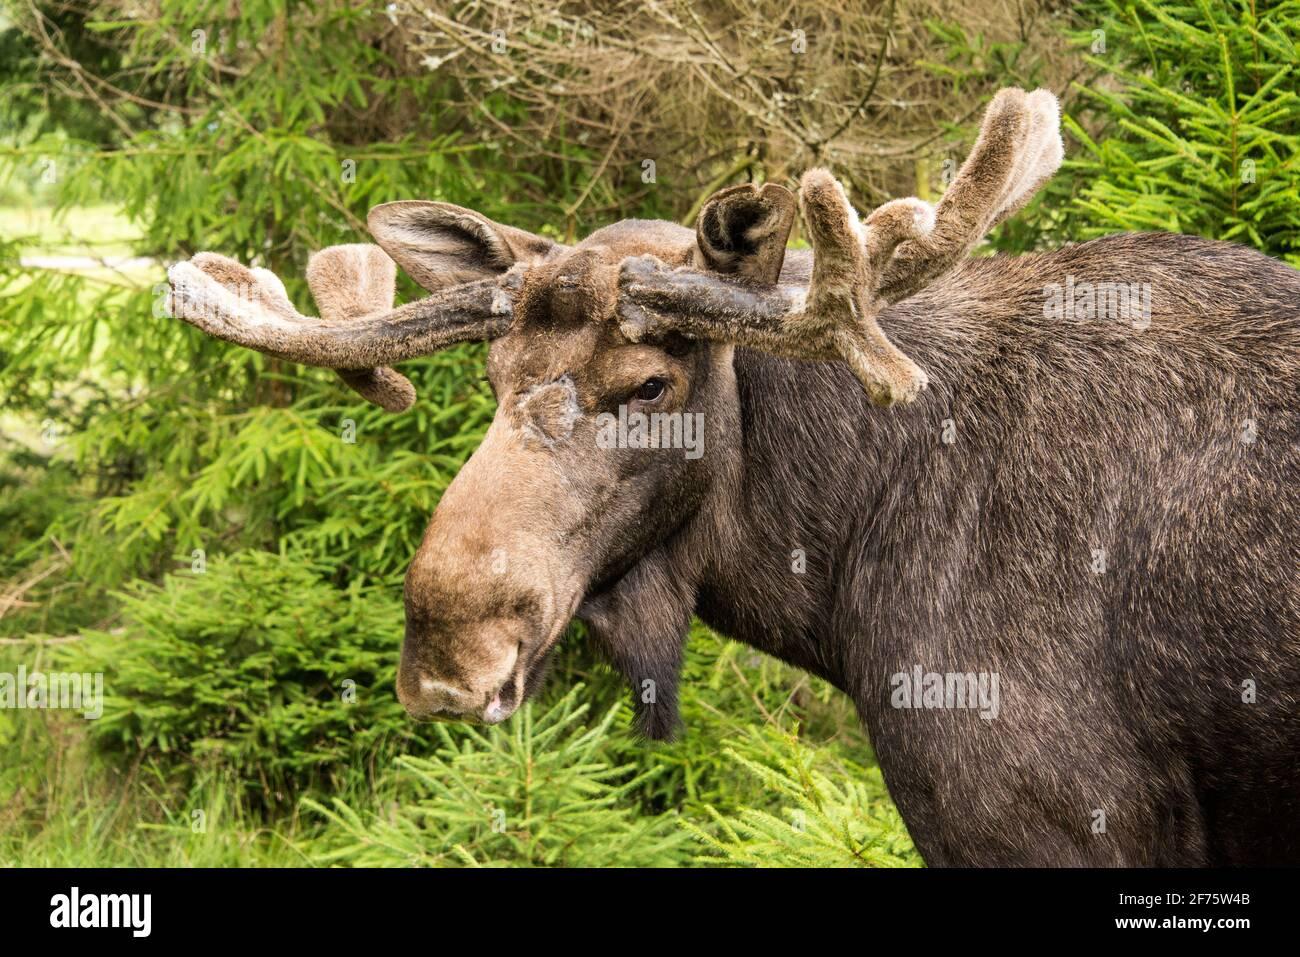 Elchbulle in einem Wildpark in Schweden - wapiti taureau in Un parc animalier en Suède Banque D'Images